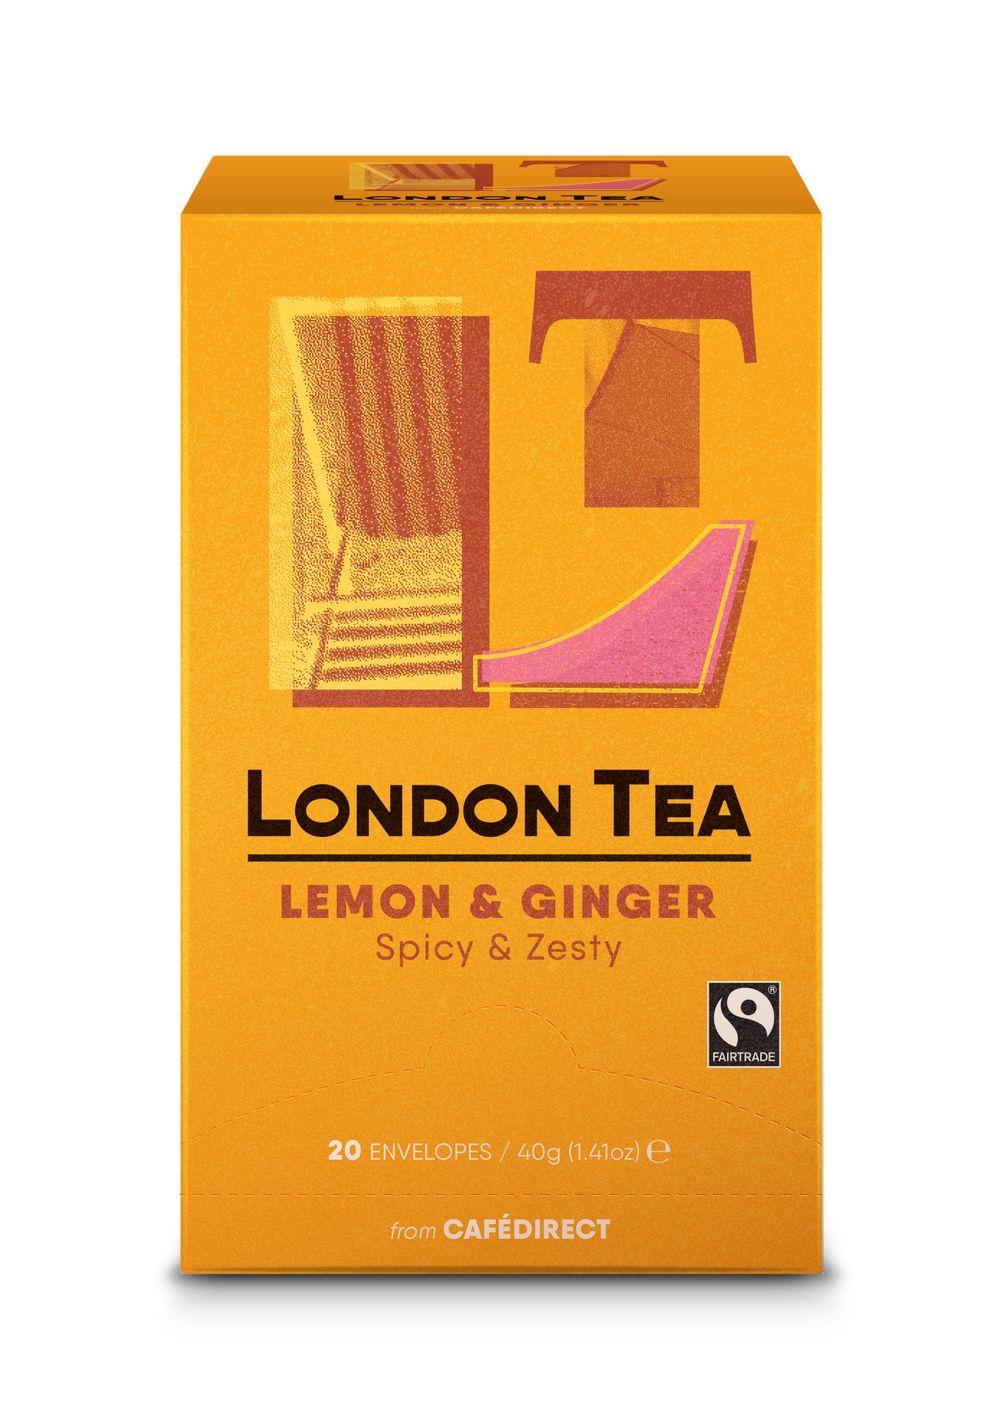 Zingy Lemon & Ginger Tea